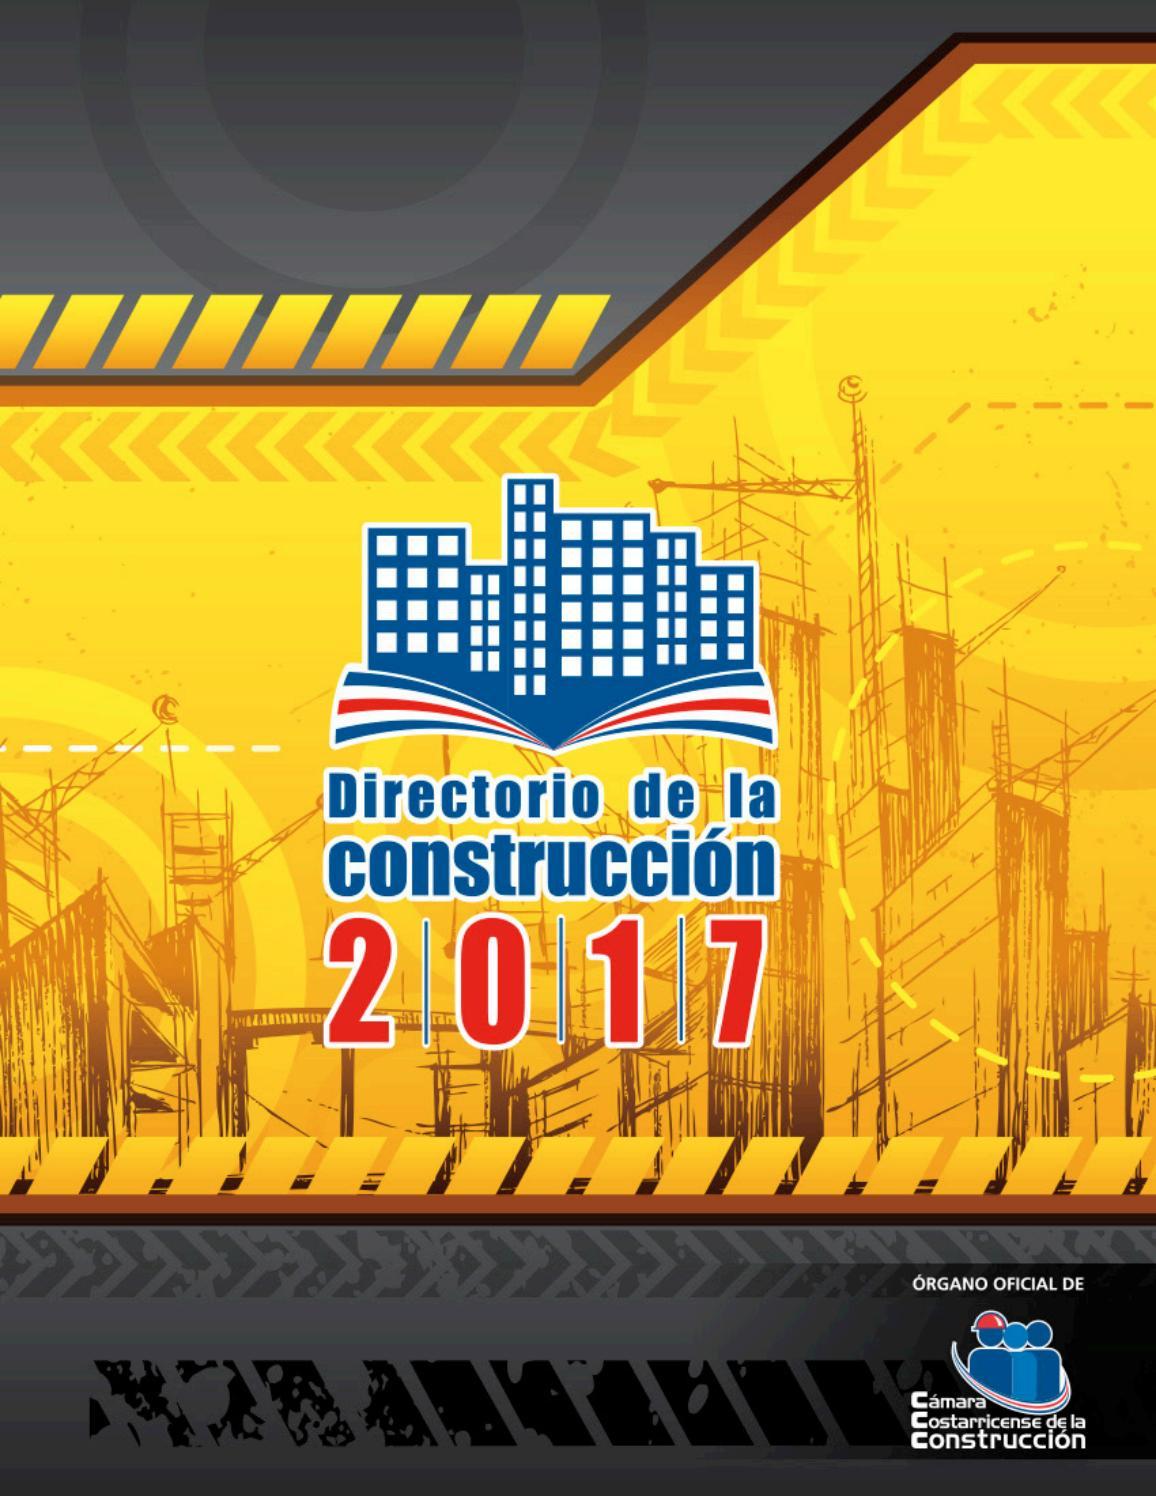 Directorio De La Construcci N 2017 By C Mara Costarricense De La  # Muebles Plaza Viquez